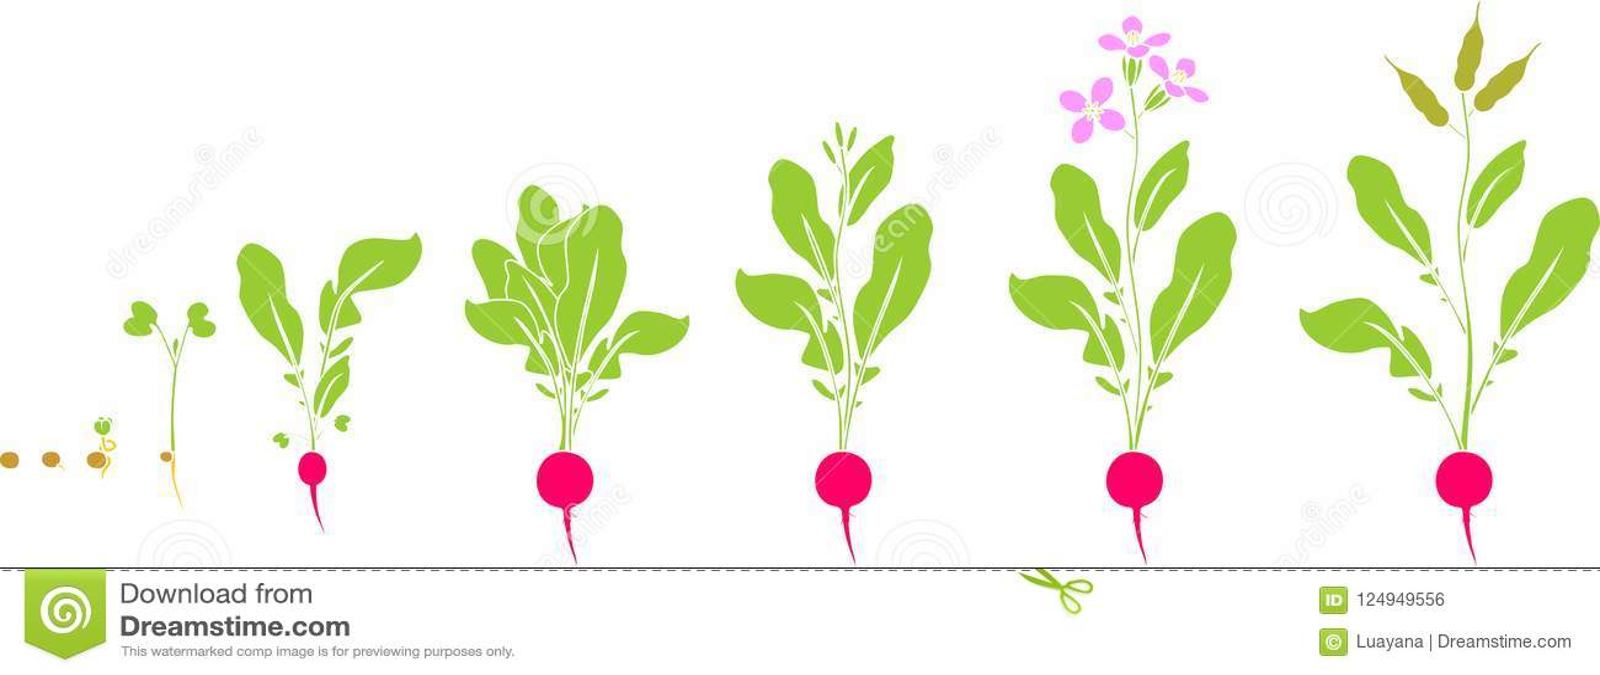 Κύκλος ζωής ραδικιών Διαδοχικά στάδια της αύξησης από το σπόρο στο άνθισμα και το fruit-bearing φυτό